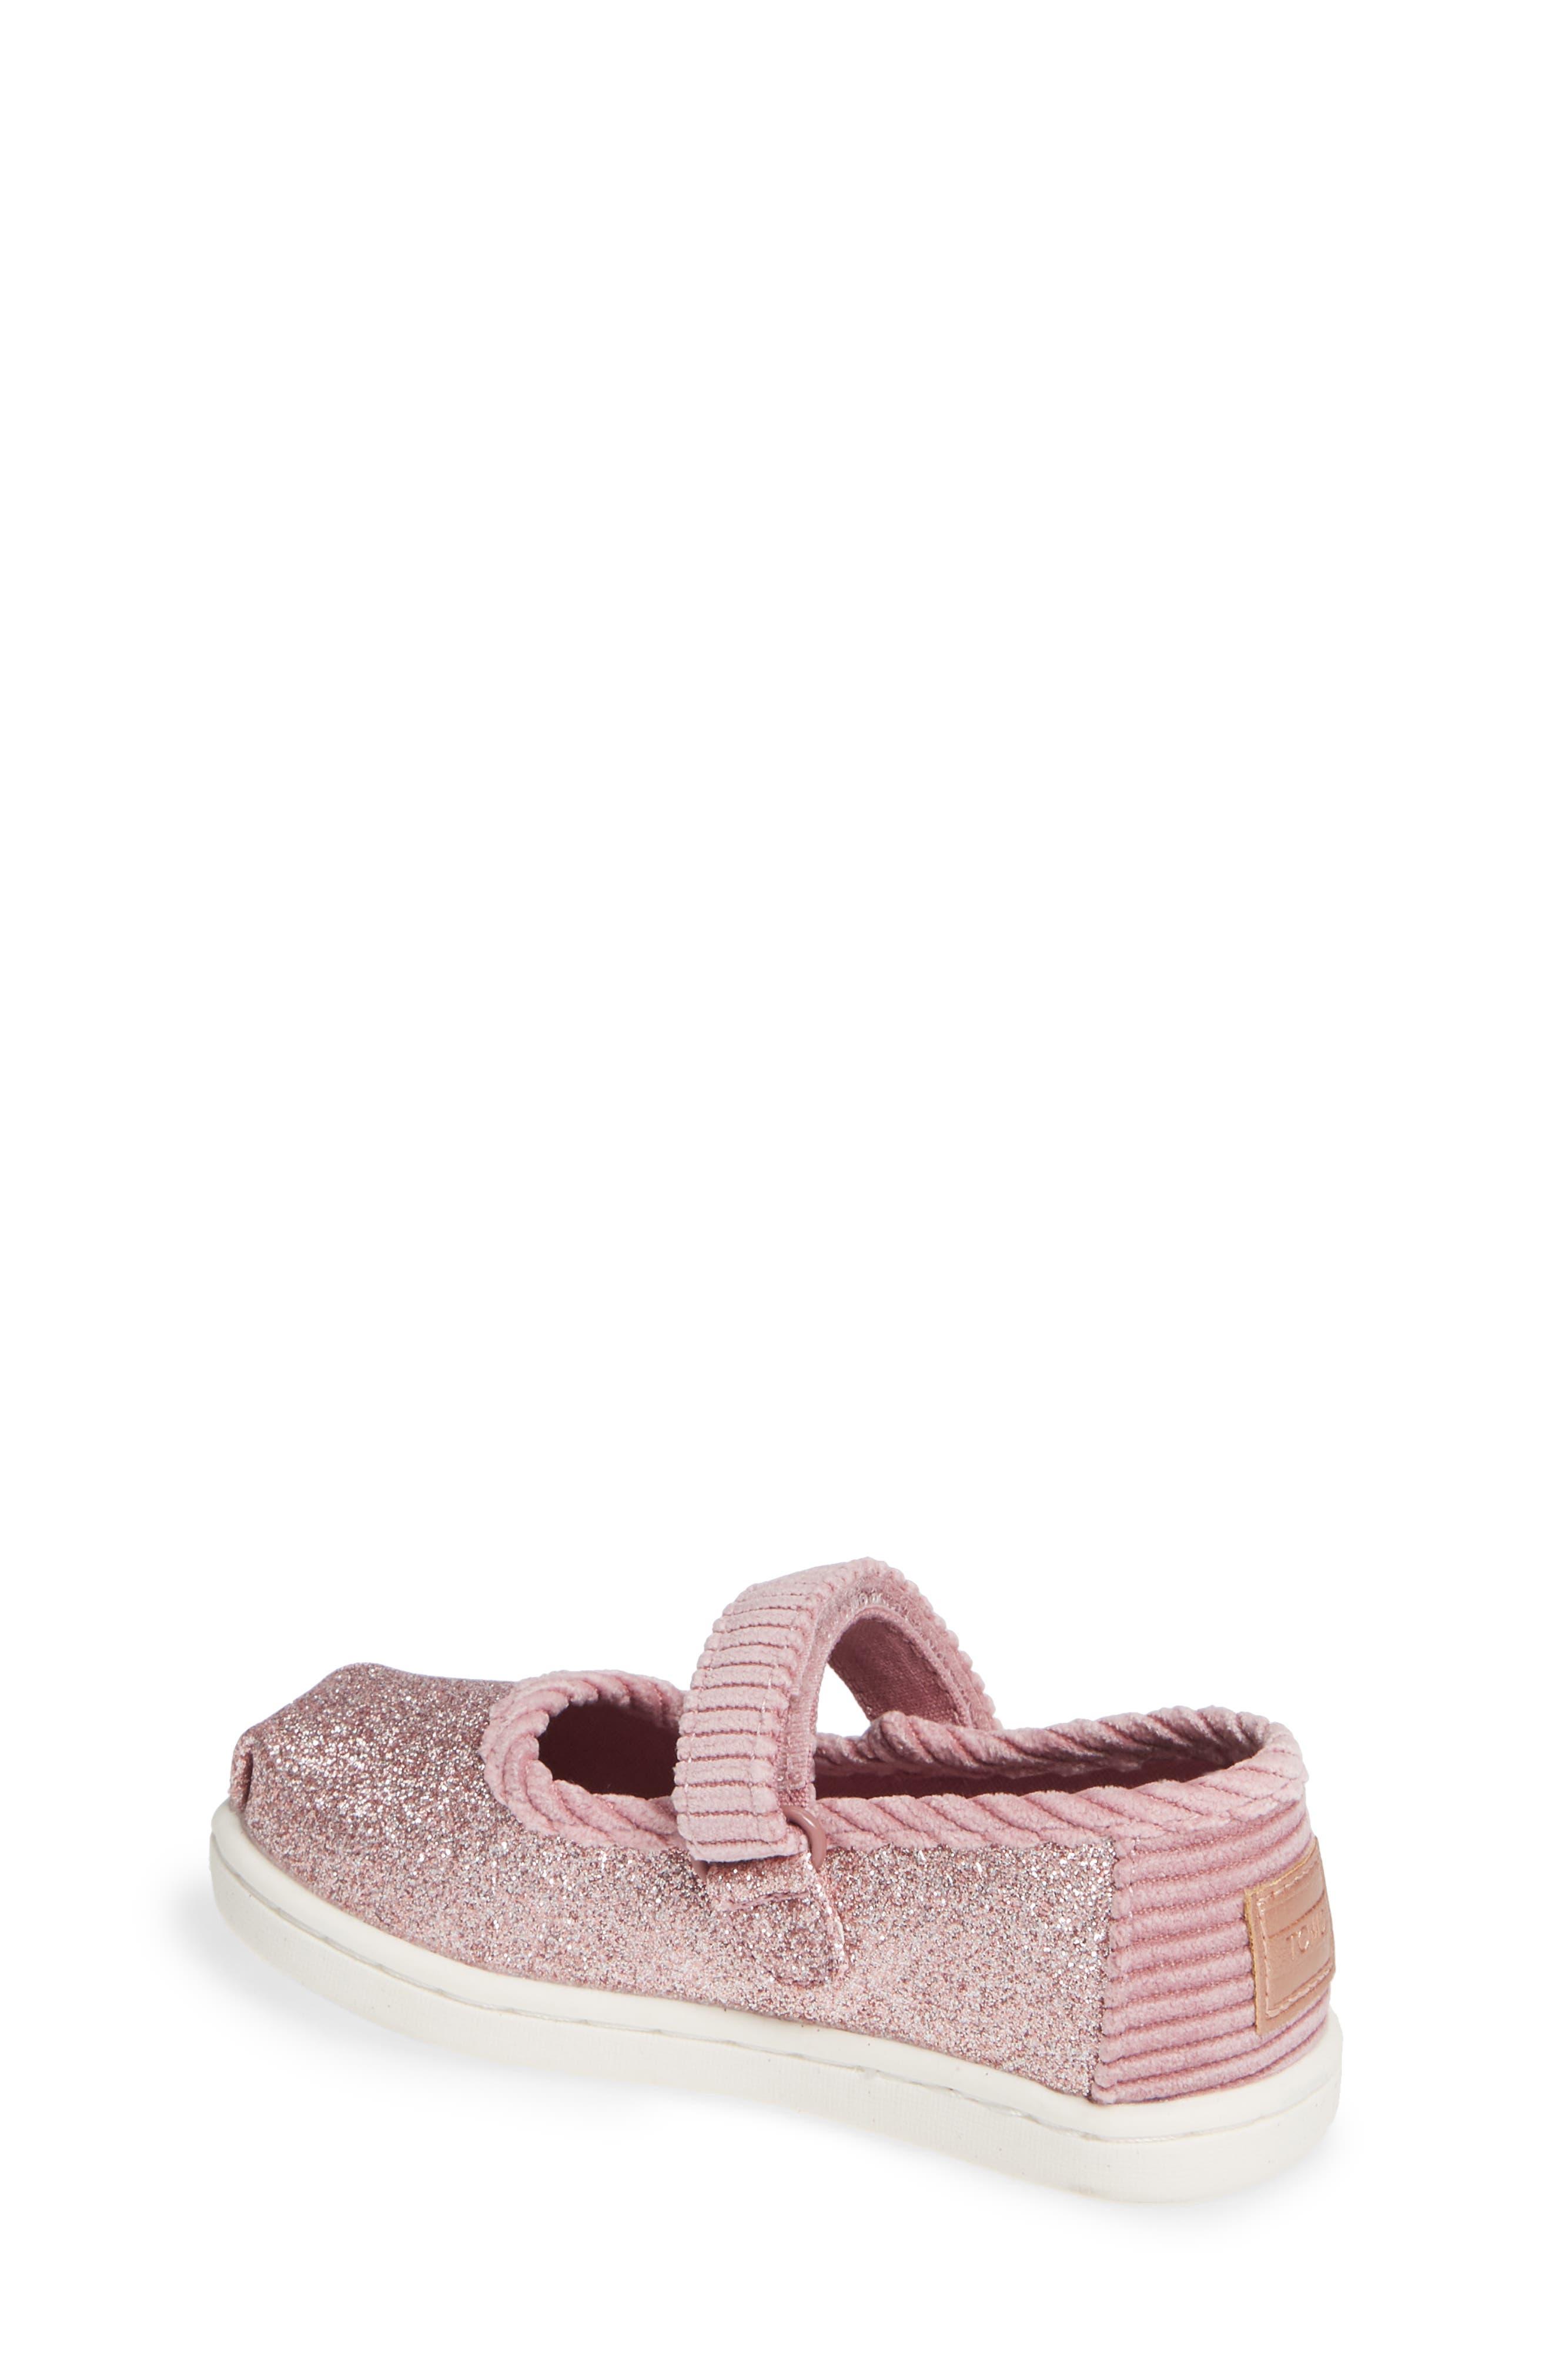 Mary Jane Sneaker,                             Alternate thumbnail 5, color,